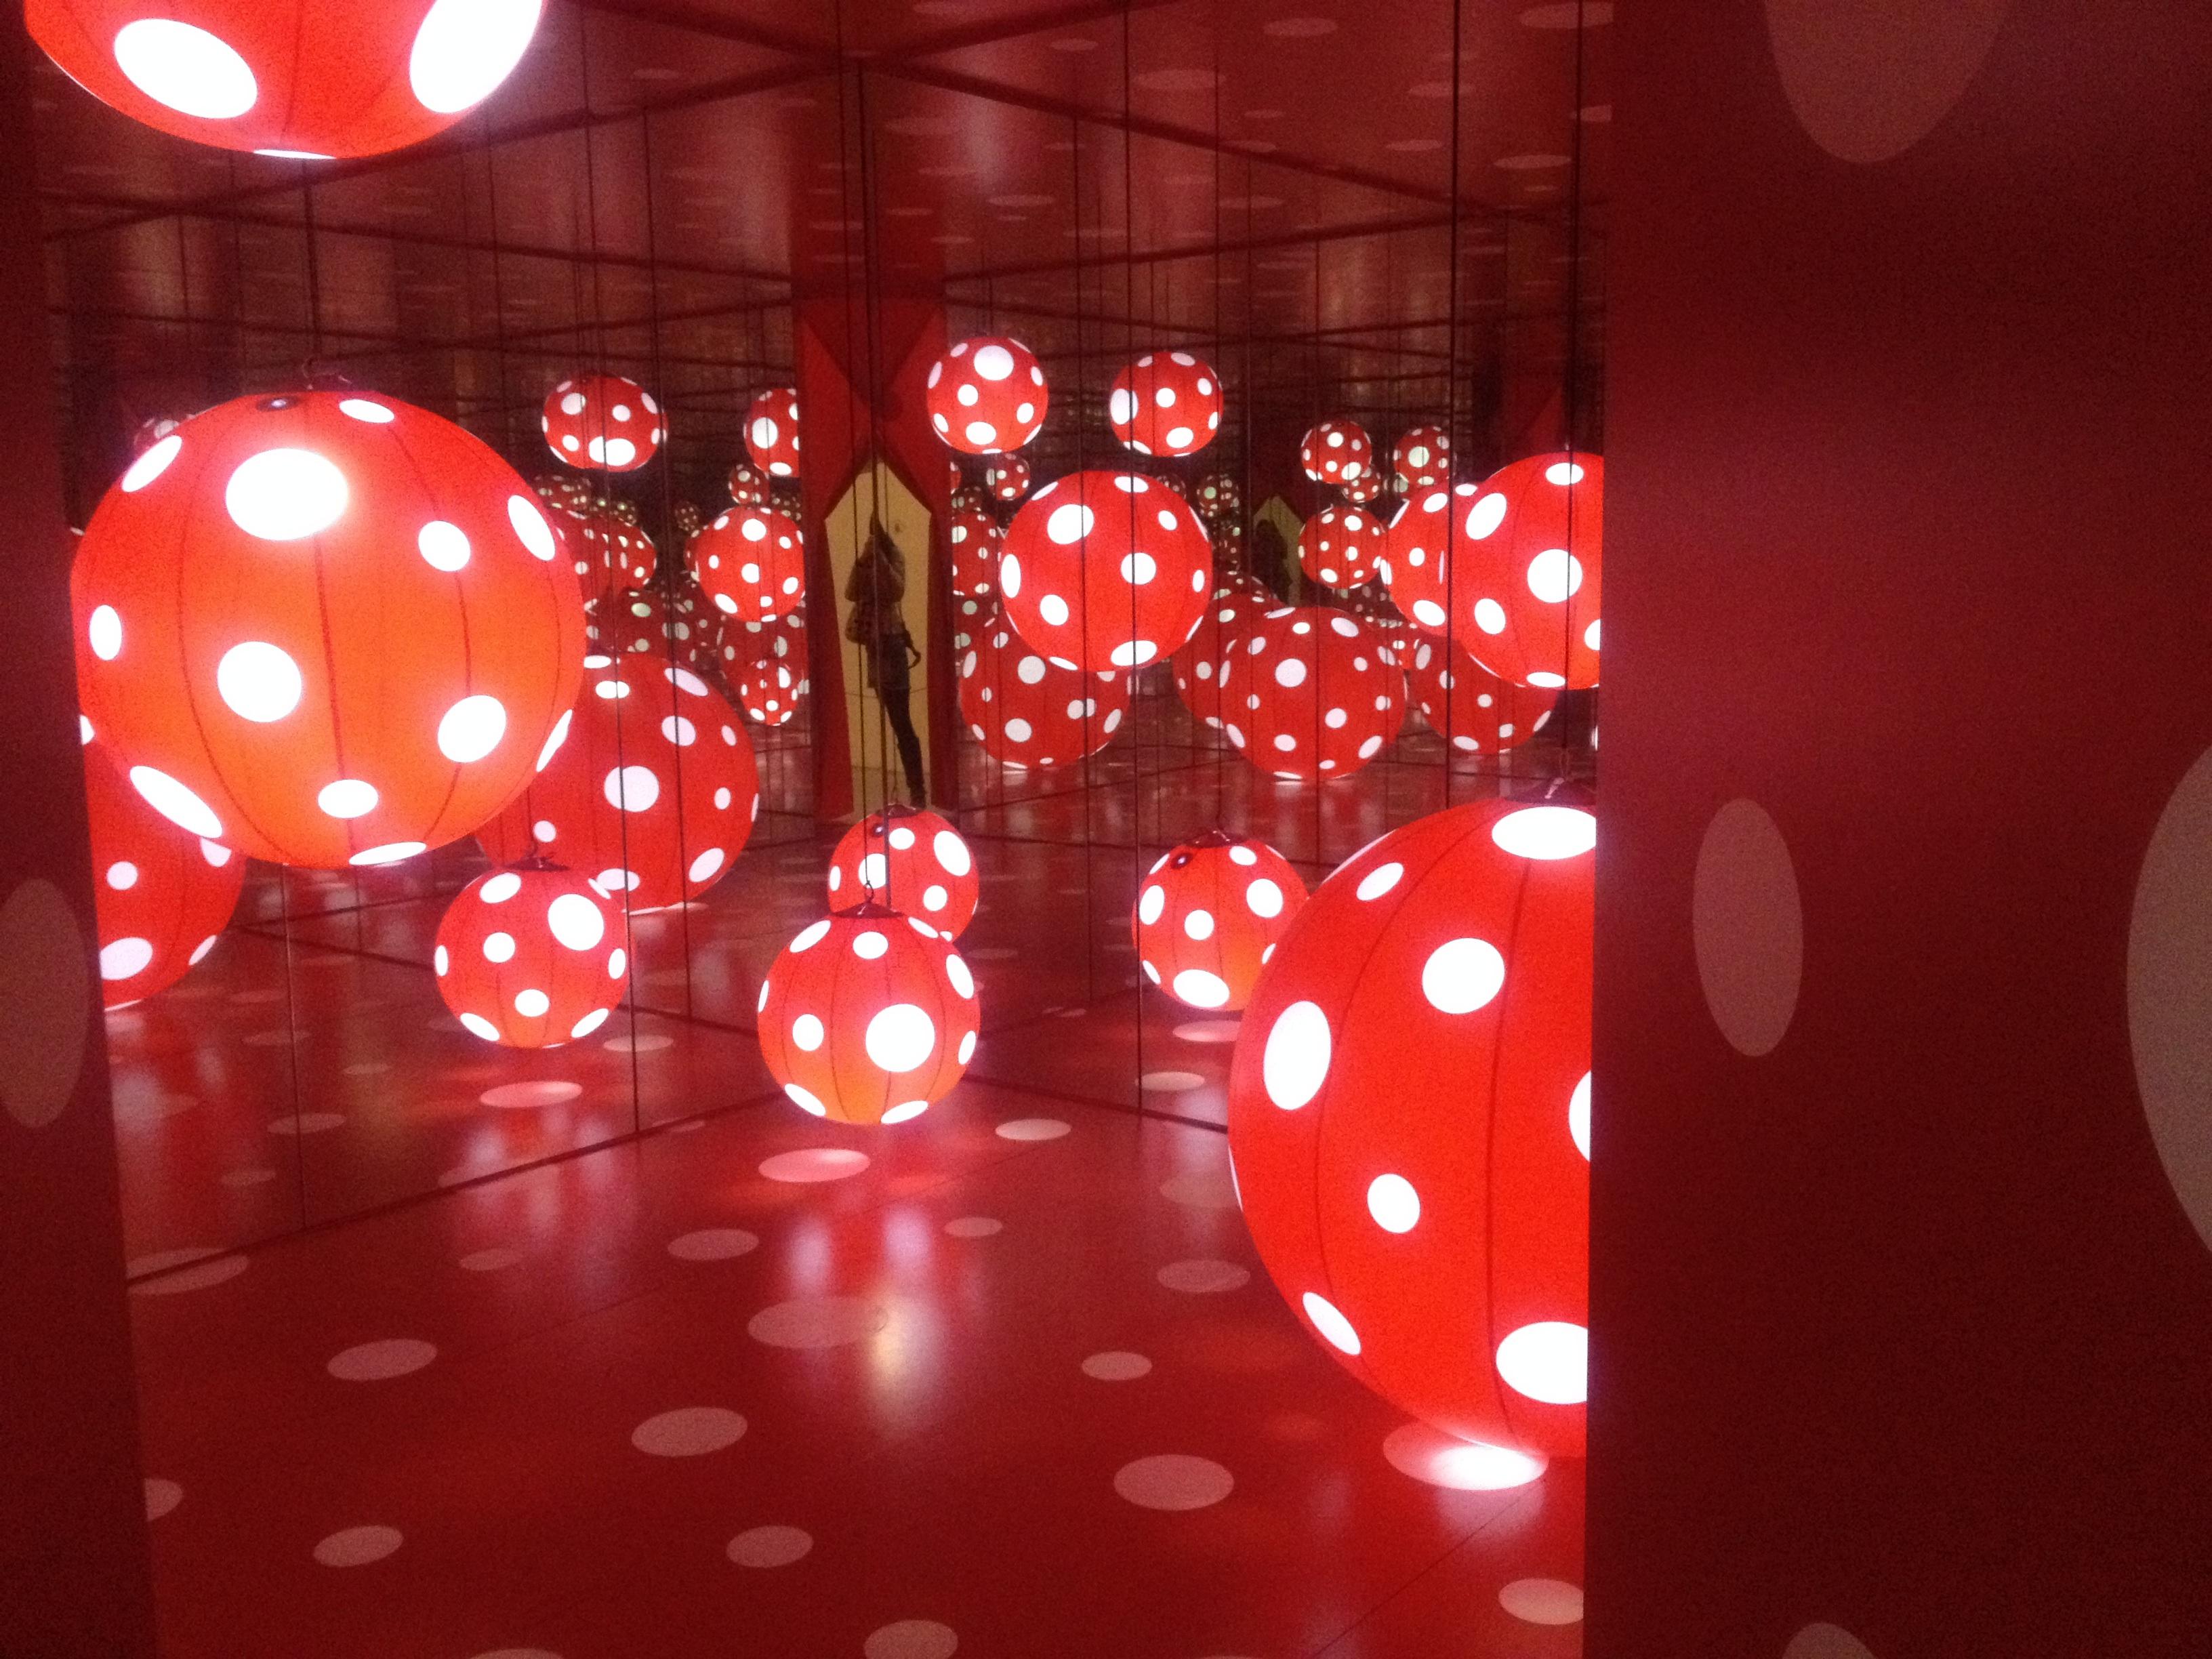 Images Gratuites Lumiere Rouge Couleur Eclairage Cercle